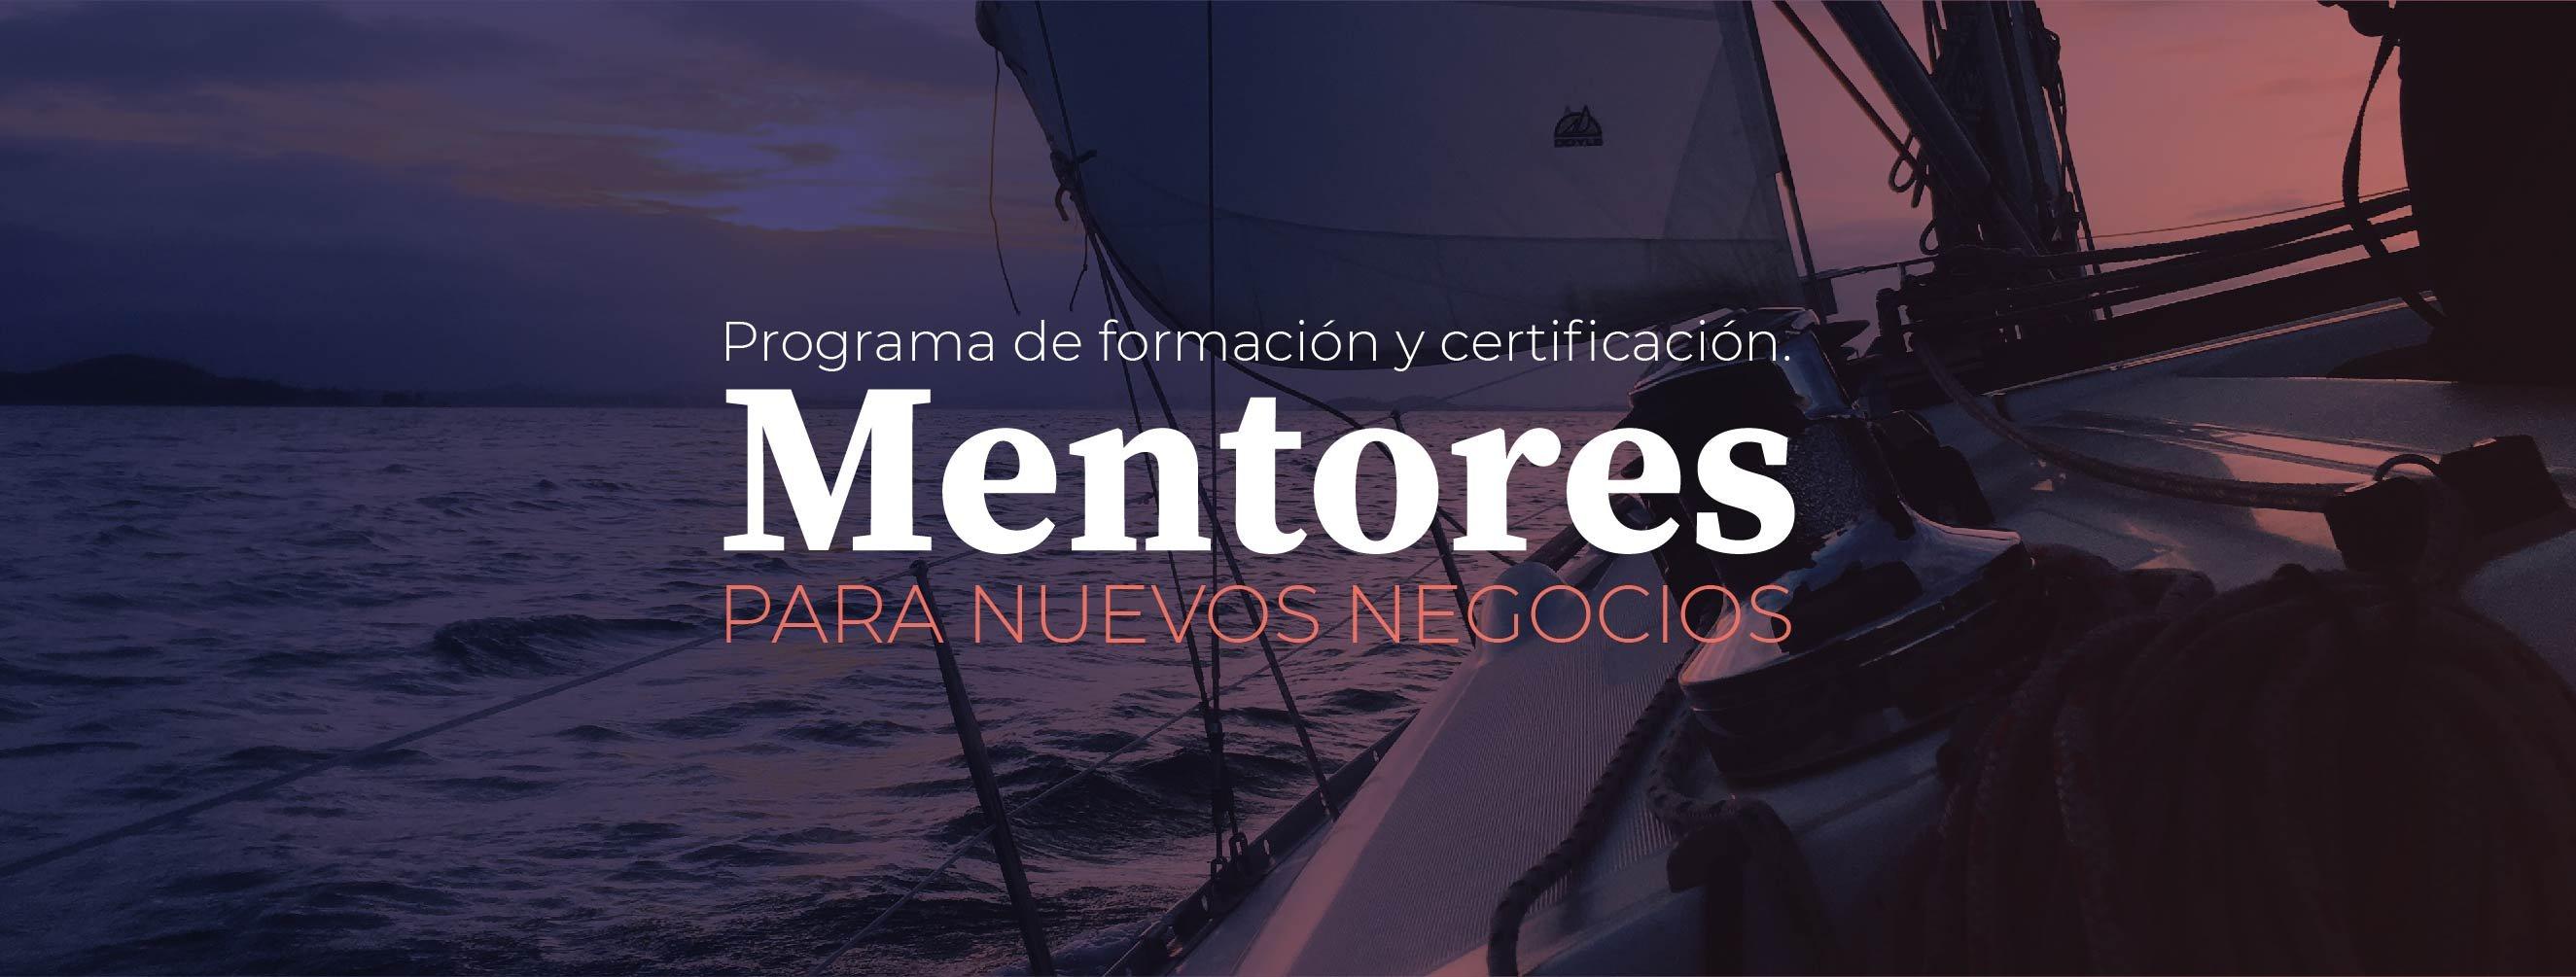 header programa mentores-13